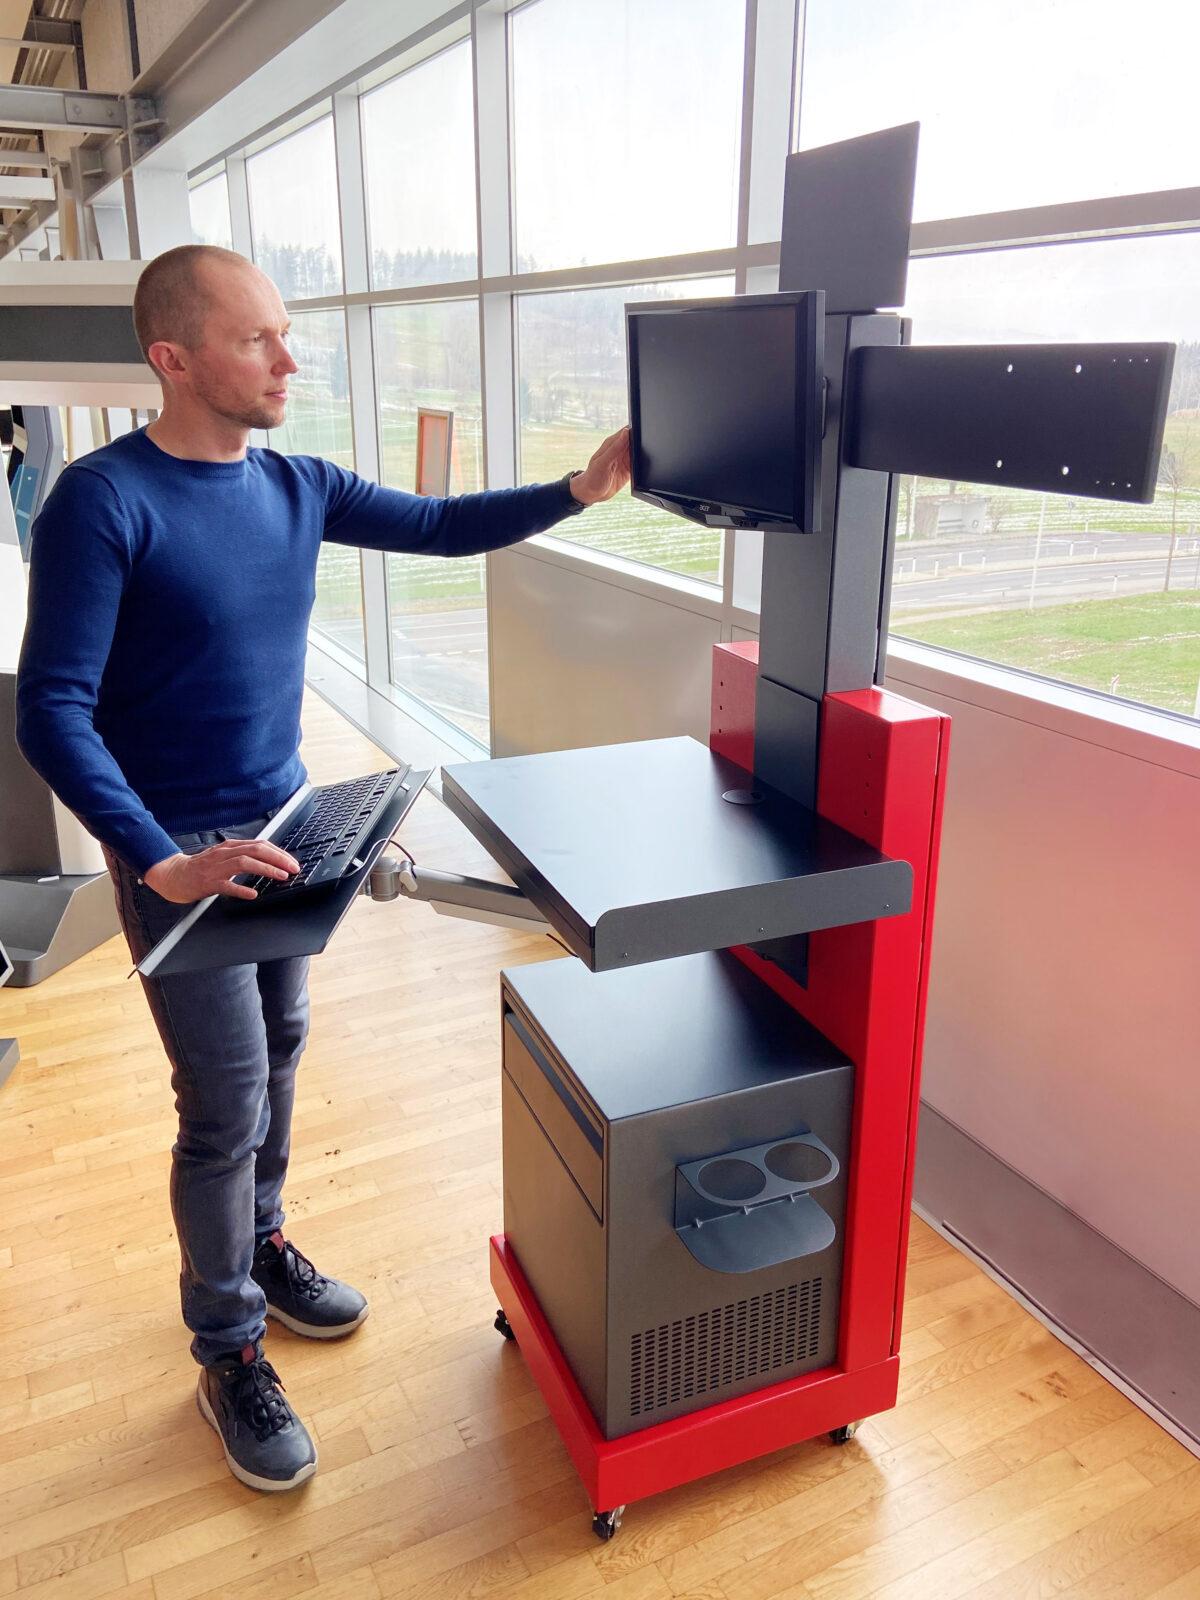 Schinko liefert anpassbare Arbeitsstände für Paketdienstleister - Michael Schröcker (Leitung Verkauf und Konstruktion bei Schinko) mit Arbeitsstand für Paketdienstleister